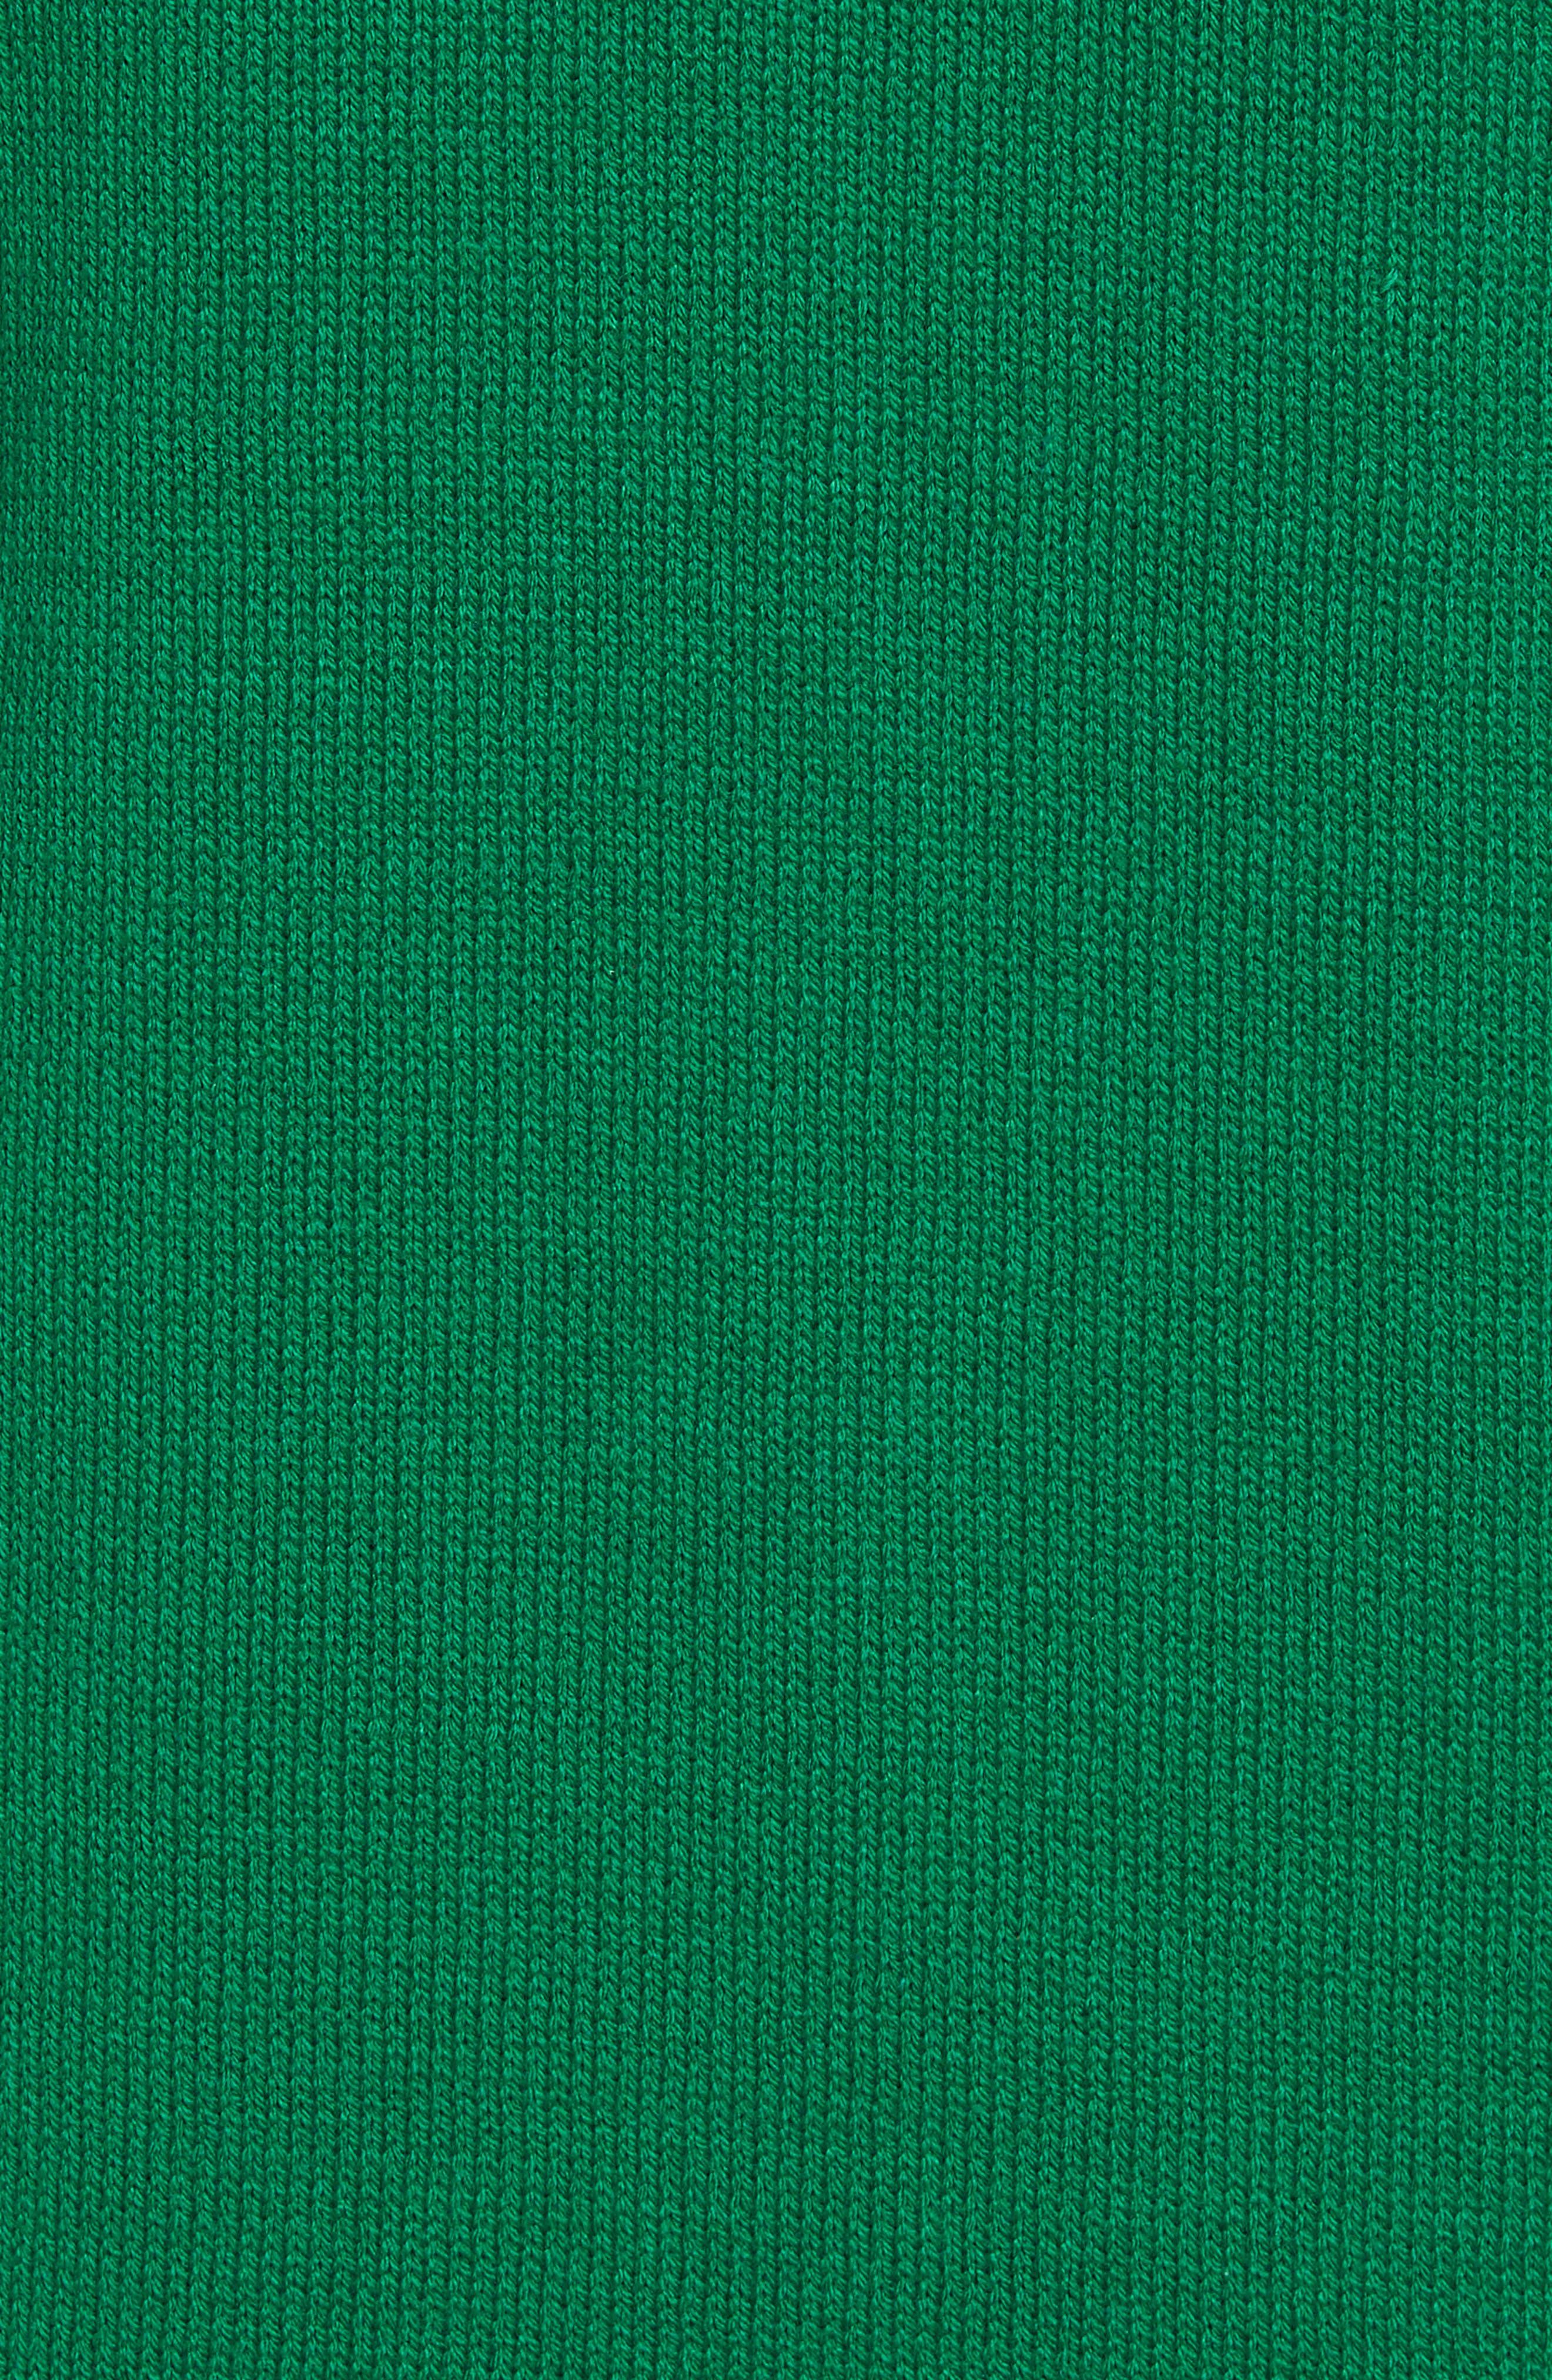 Santa Hoodie Sweater,                             Alternate thumbnail 5, color,                             Green Santa